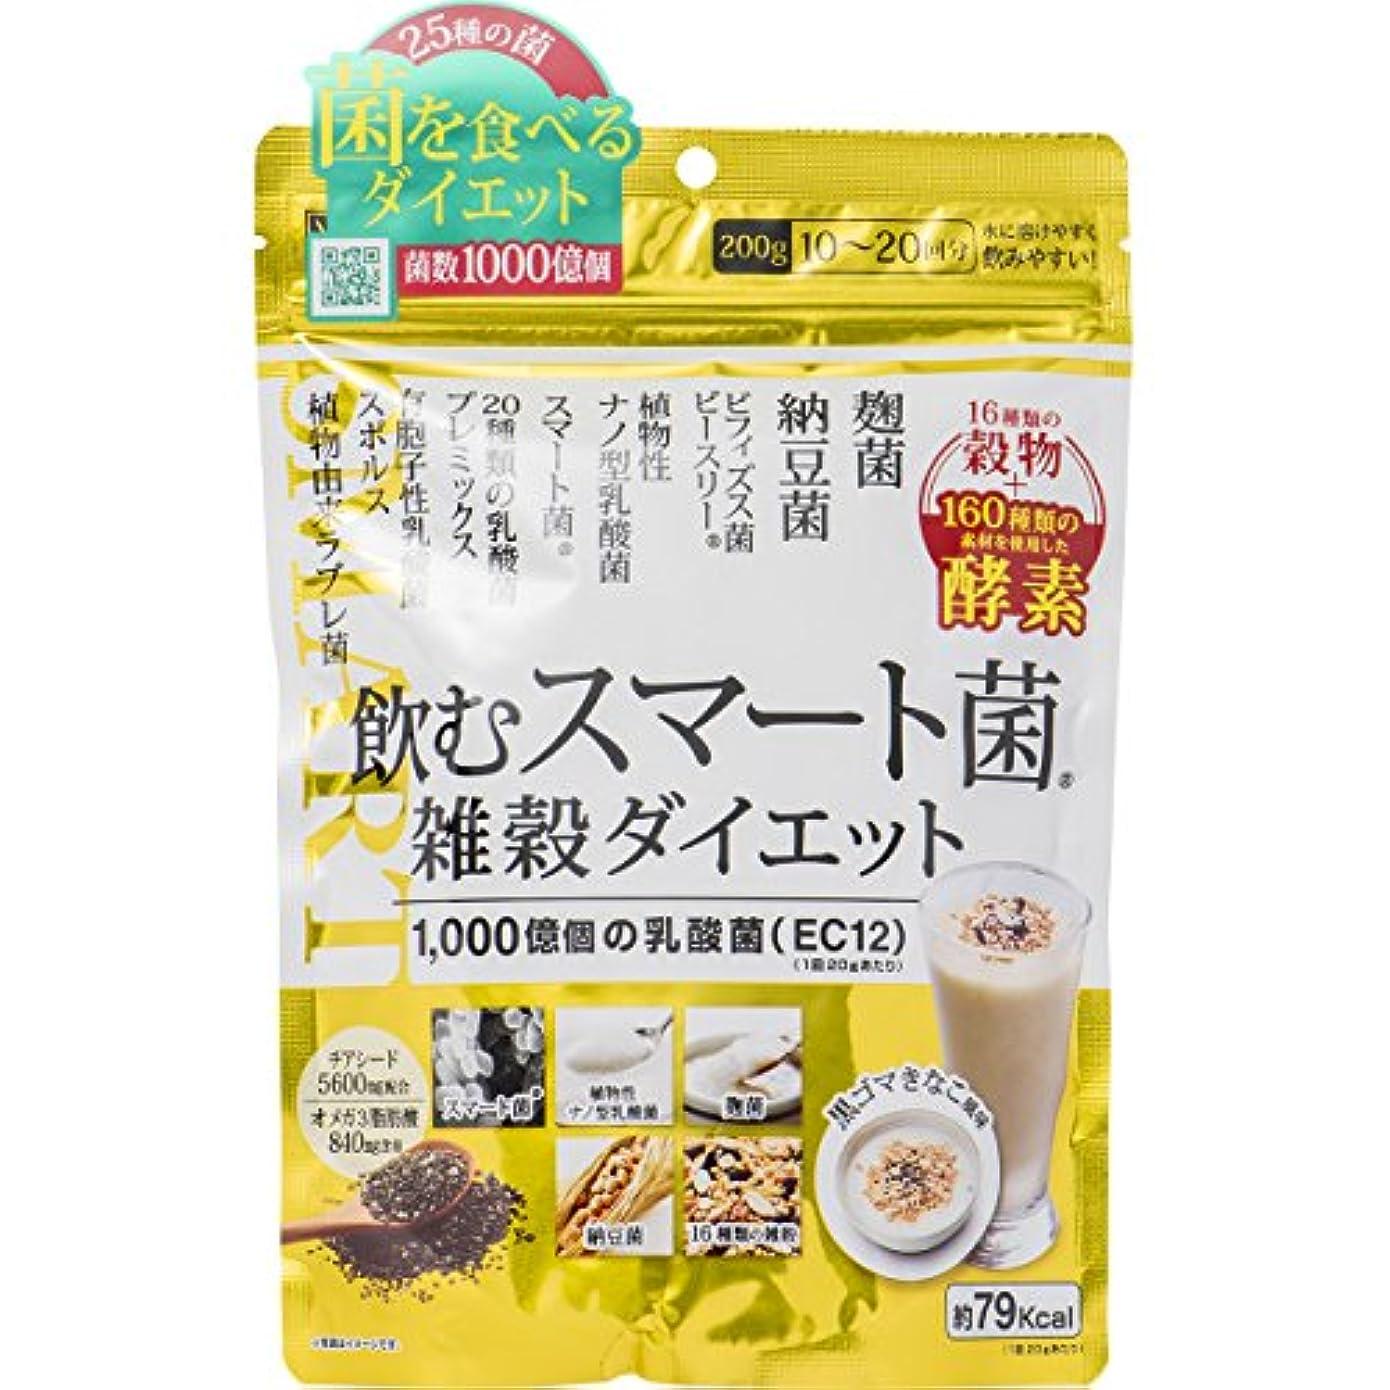 むしろ影響好色な飲むスマート菌 200g